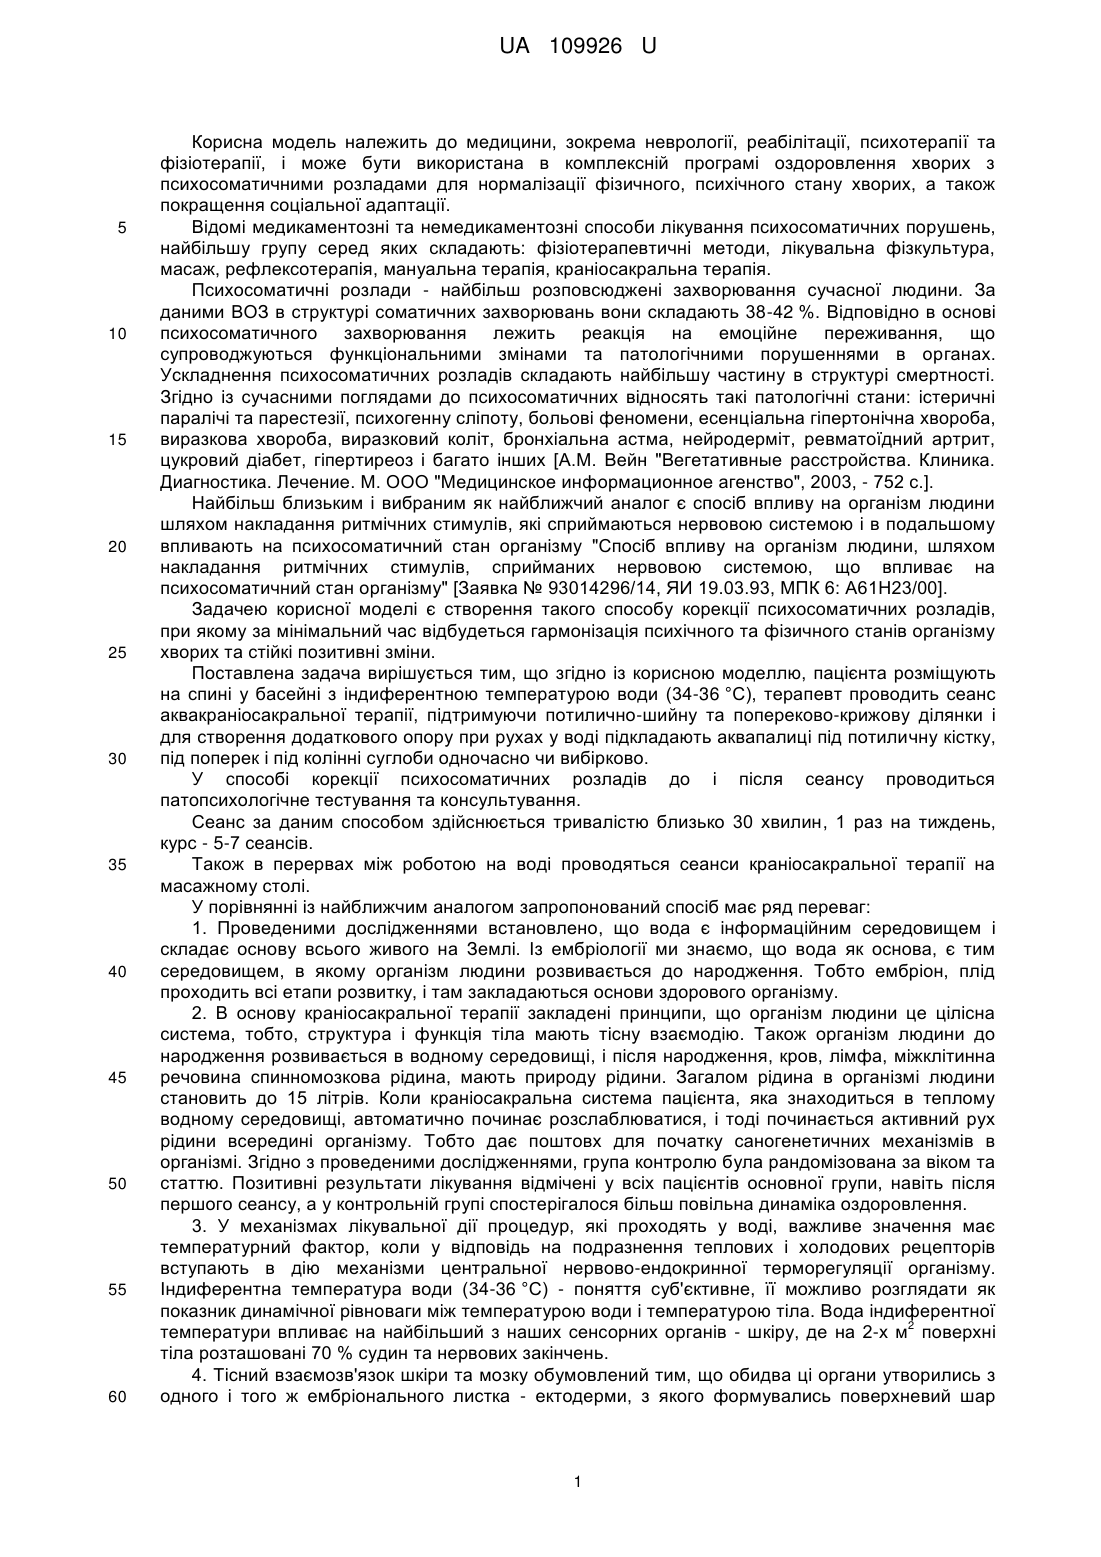 109926-sposib-korekci-psikhosomatichnikh-rozladiv-3